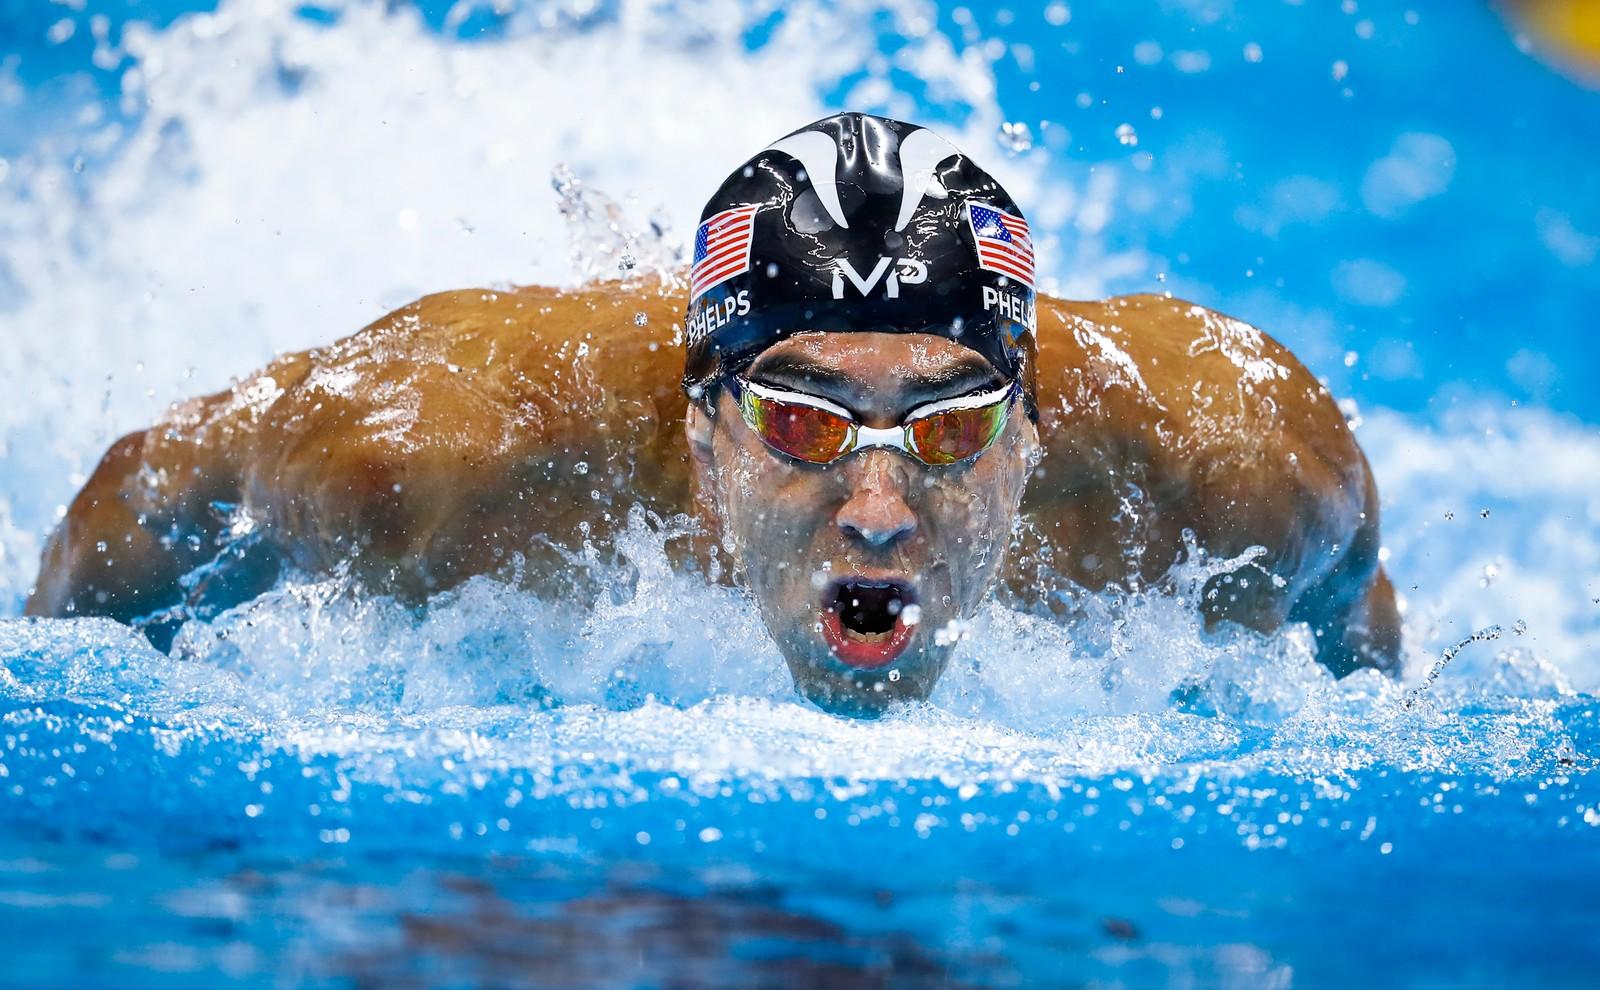 1. plass Sport: Odd Reidar Andersen, AFP.  USAs Michael Phelps forbereder seg til herrenes 200m medley, under OL i Rio de Janeiro. Phelps er den mest premierte olympier noensinne, med totalt 28 medaljer, hvorav 23 gull, som også er rekord. Her er han i 3. etappen i herrenes finale i 4x100m medley.